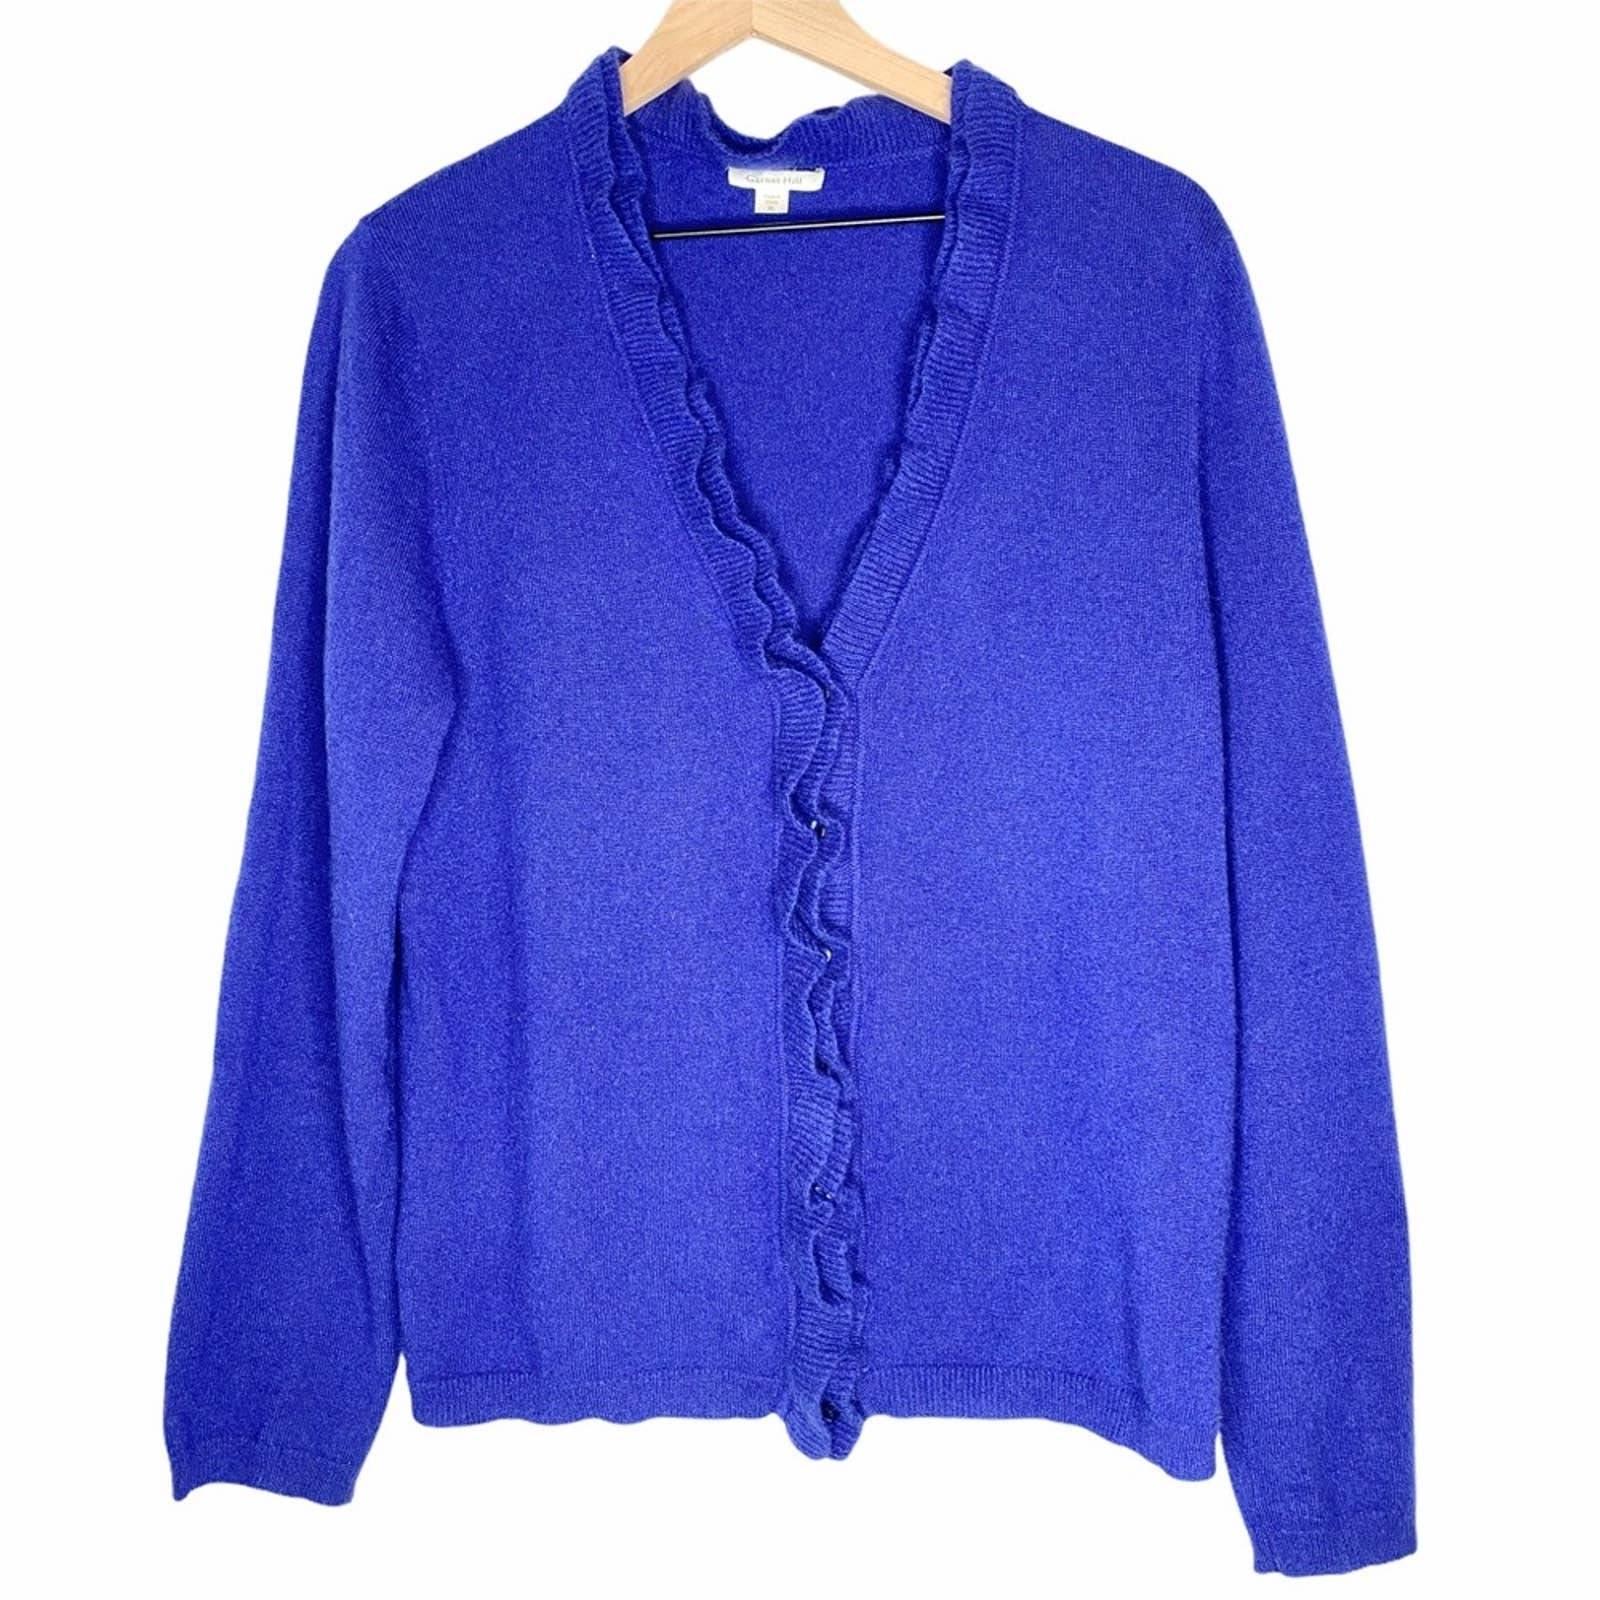 Garnet Hill Cashmere Cardigan, blue, XL